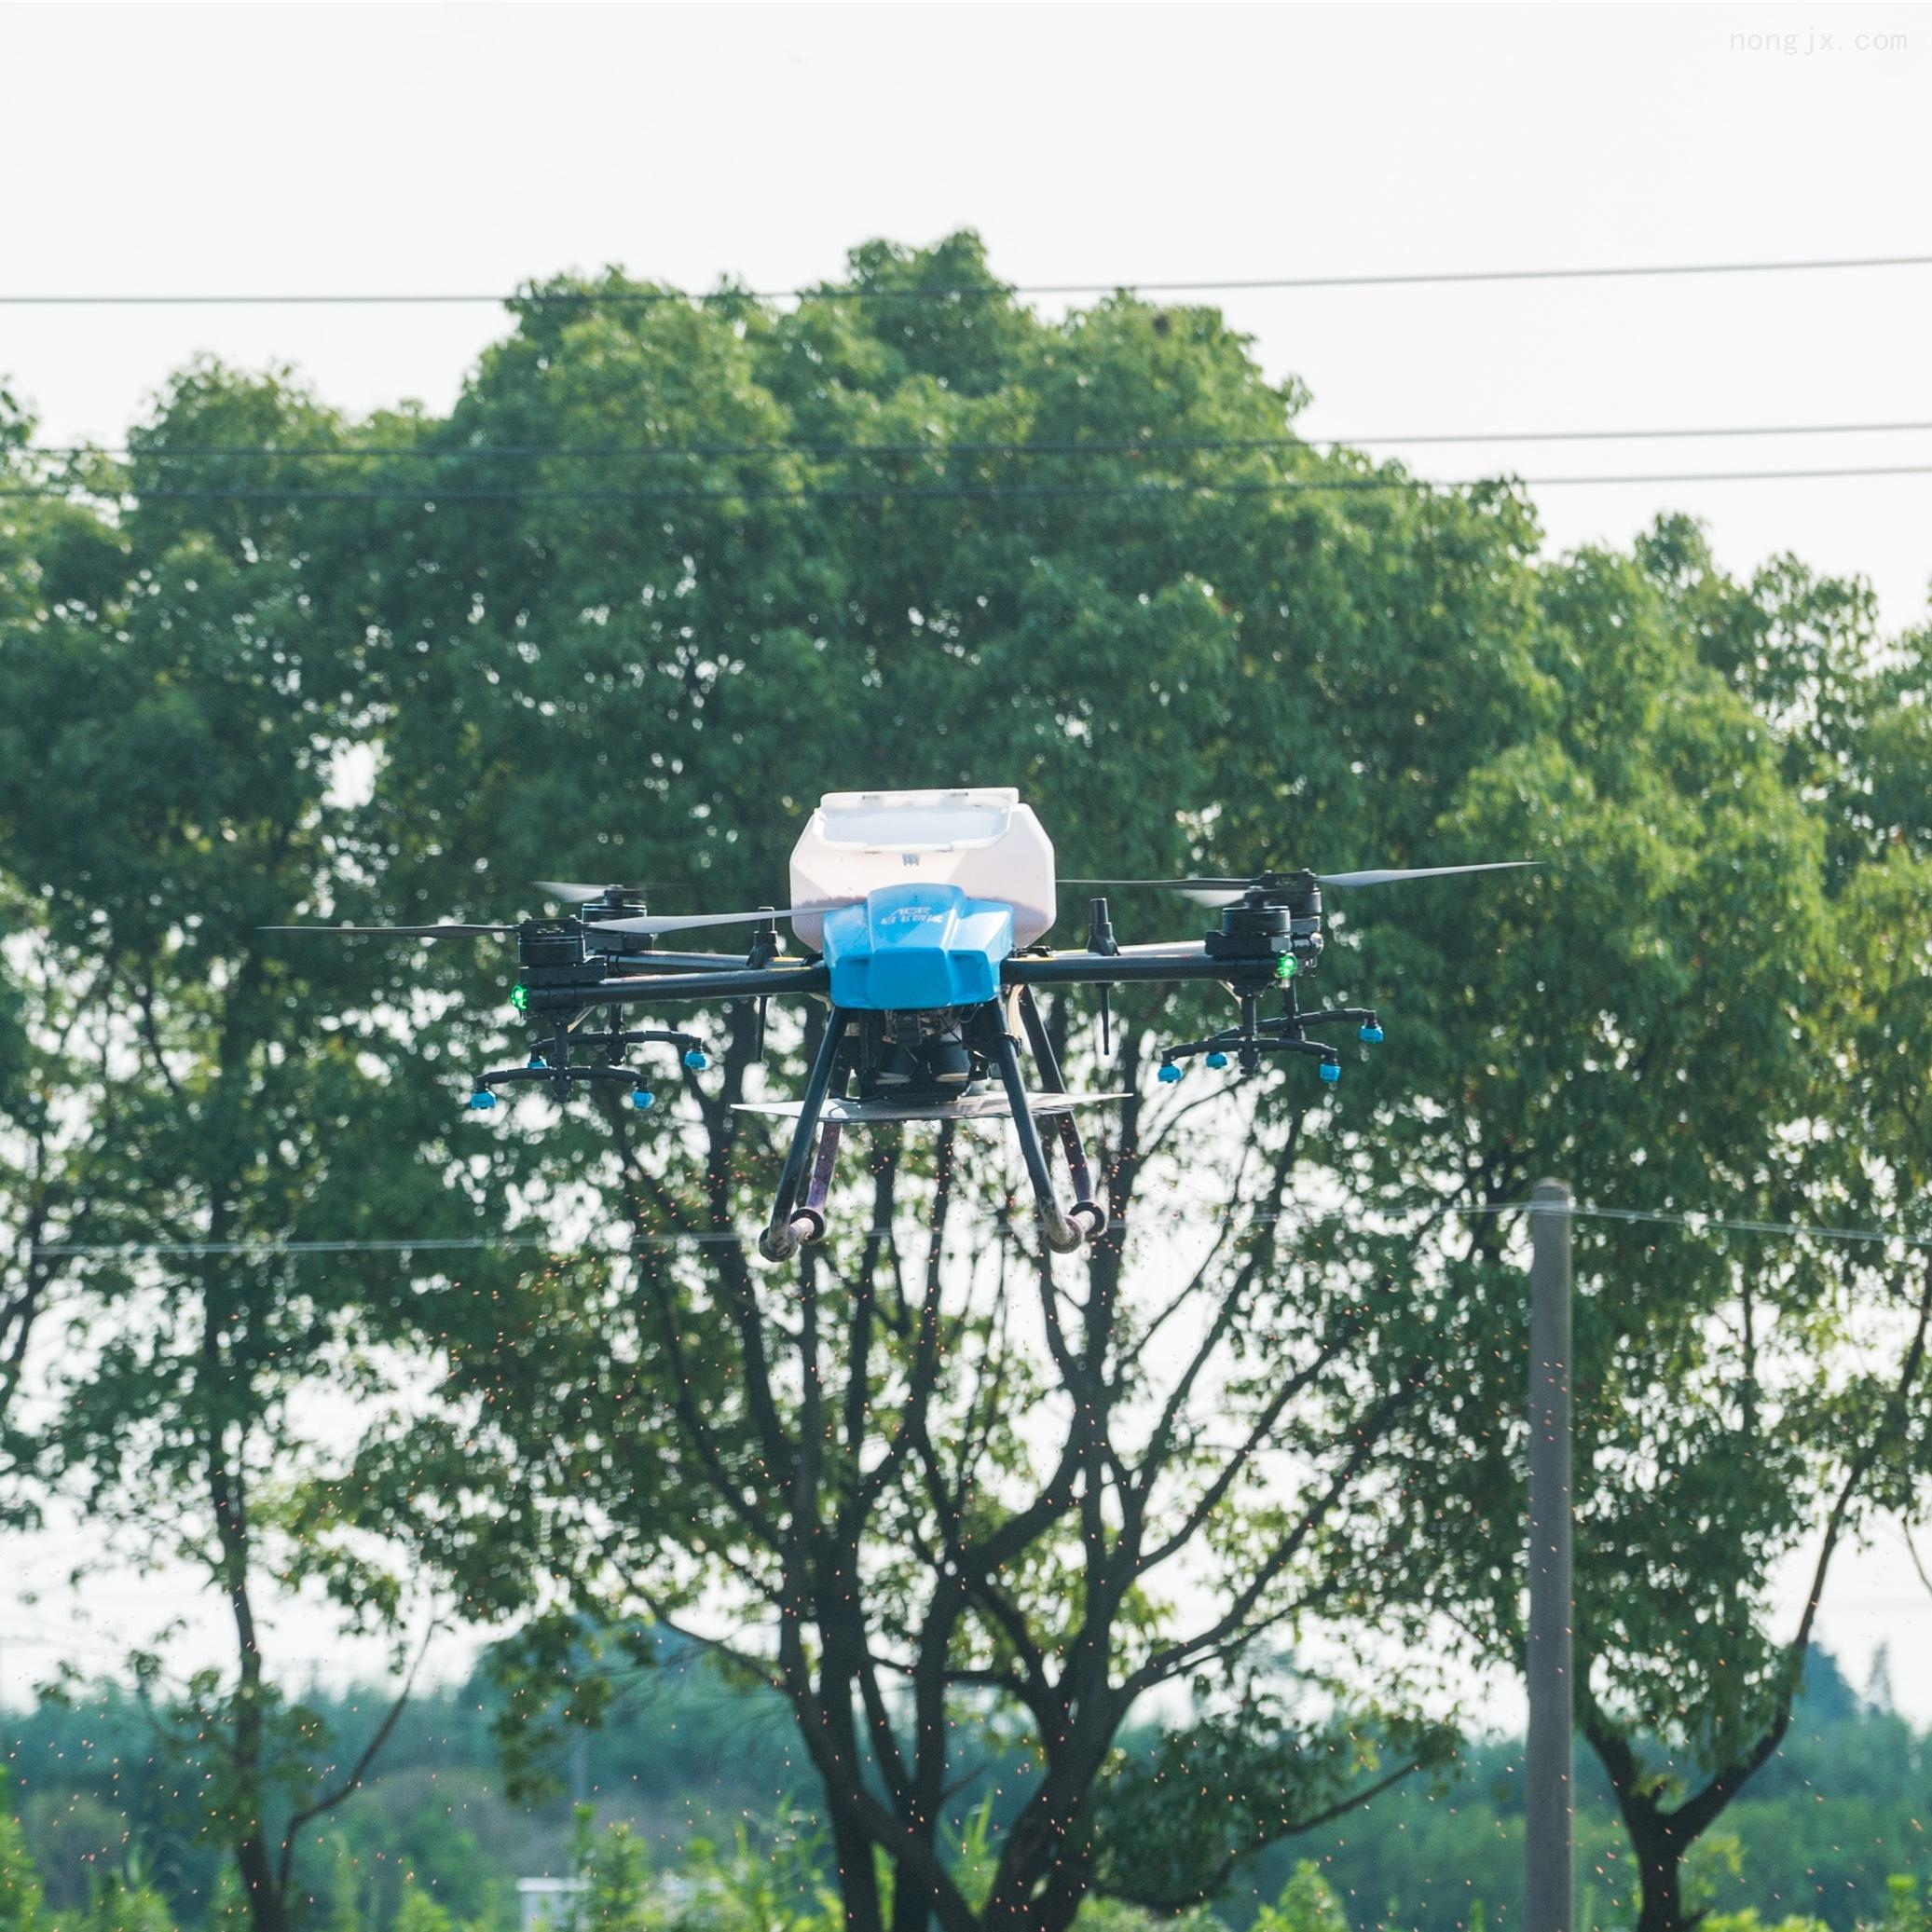 启飞智能22升可拆卸机臂大容量打药飞机